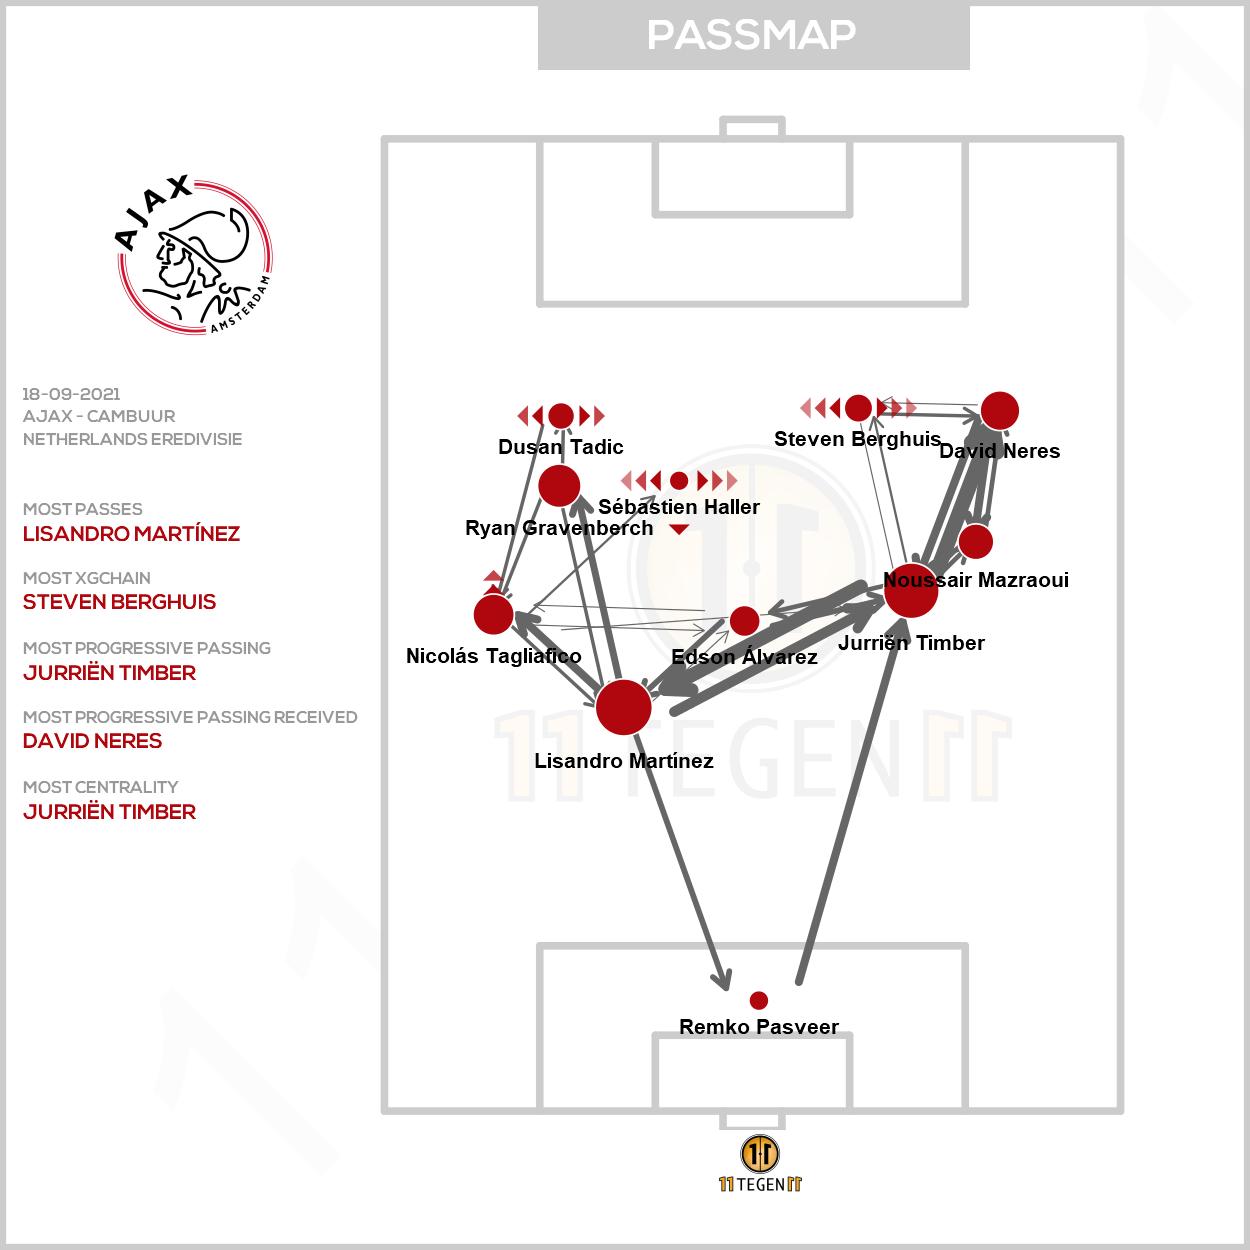 2021 09 18 Passmap Ajax Ajax 9 0 Cambuur